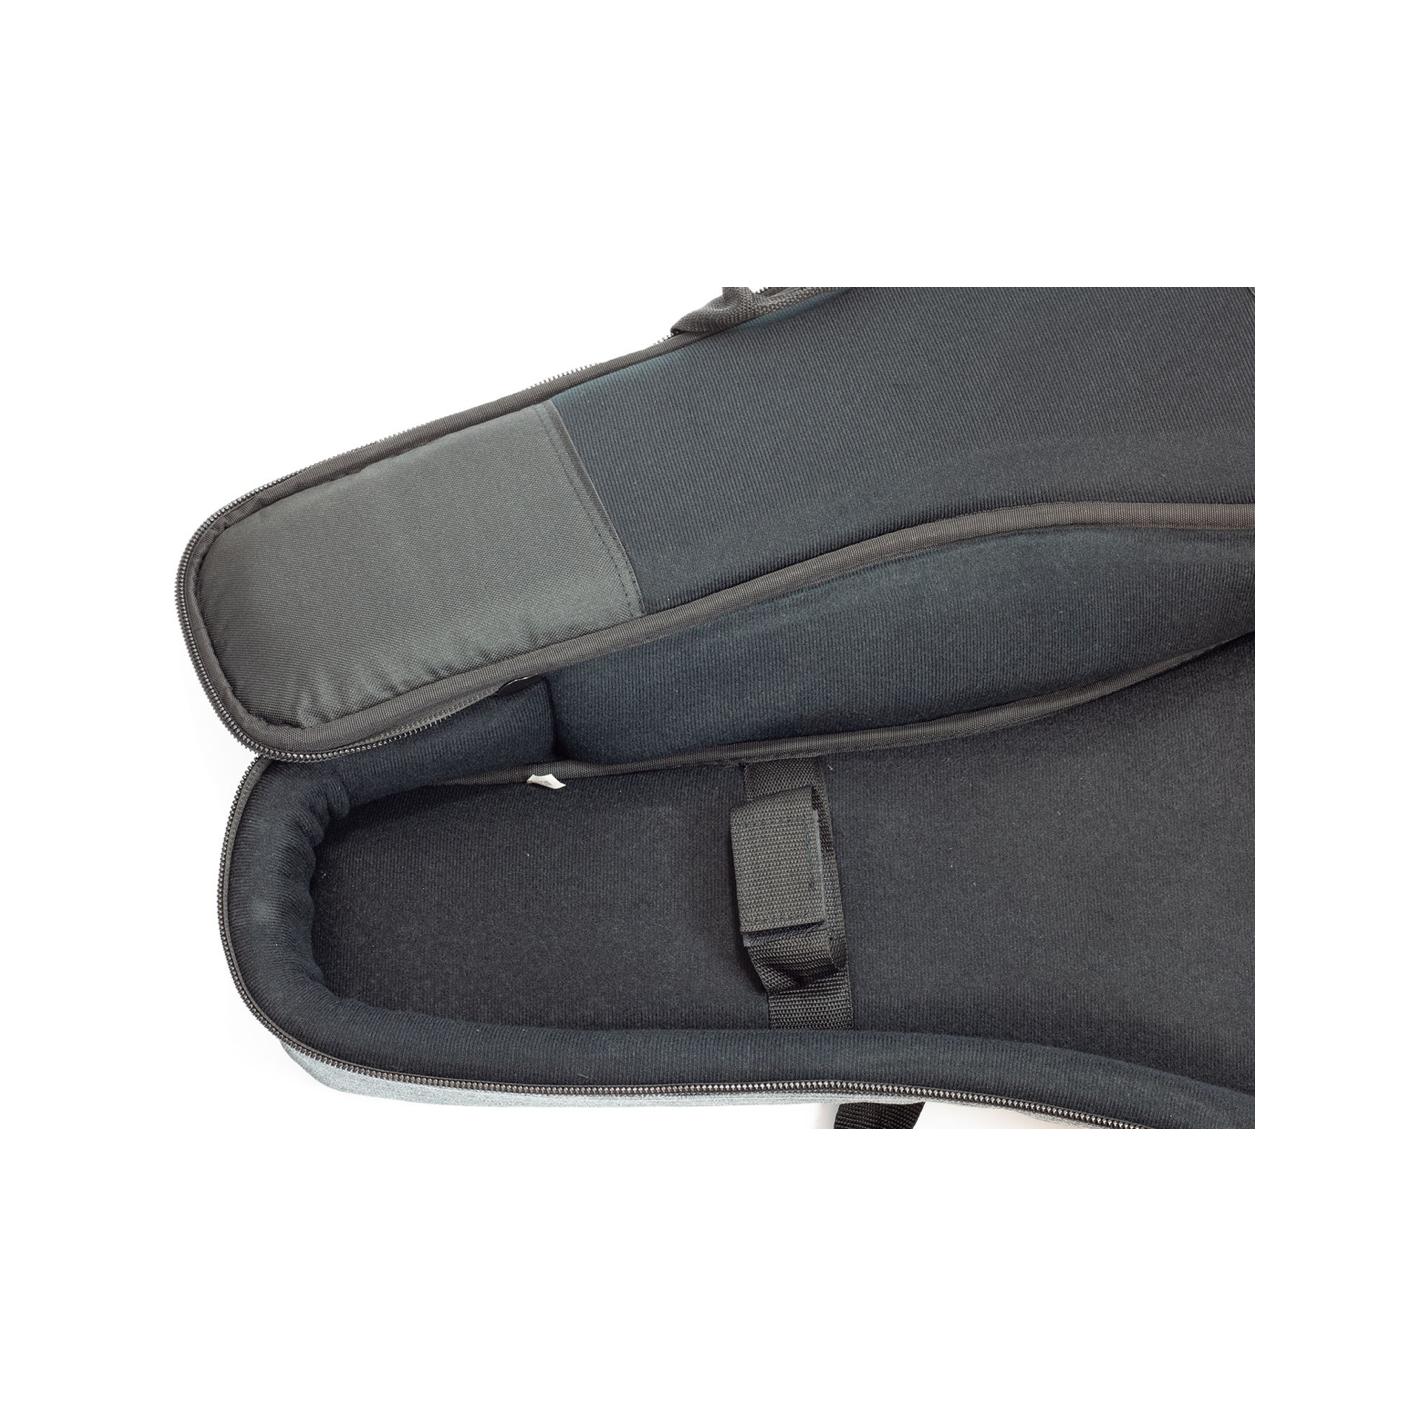 TGI Extreme Acoustic Gig Bag (4815)